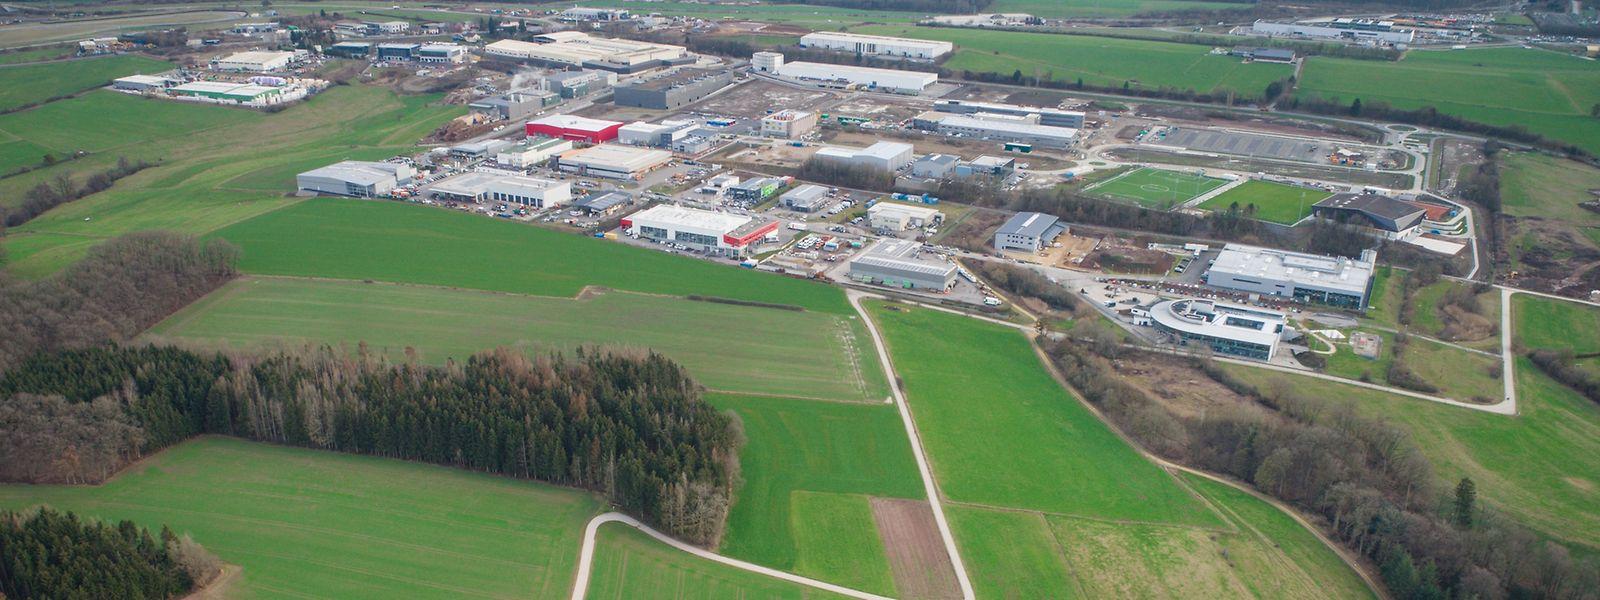 Les terrains où Google va s'implanter dans le secteur de Bissen.